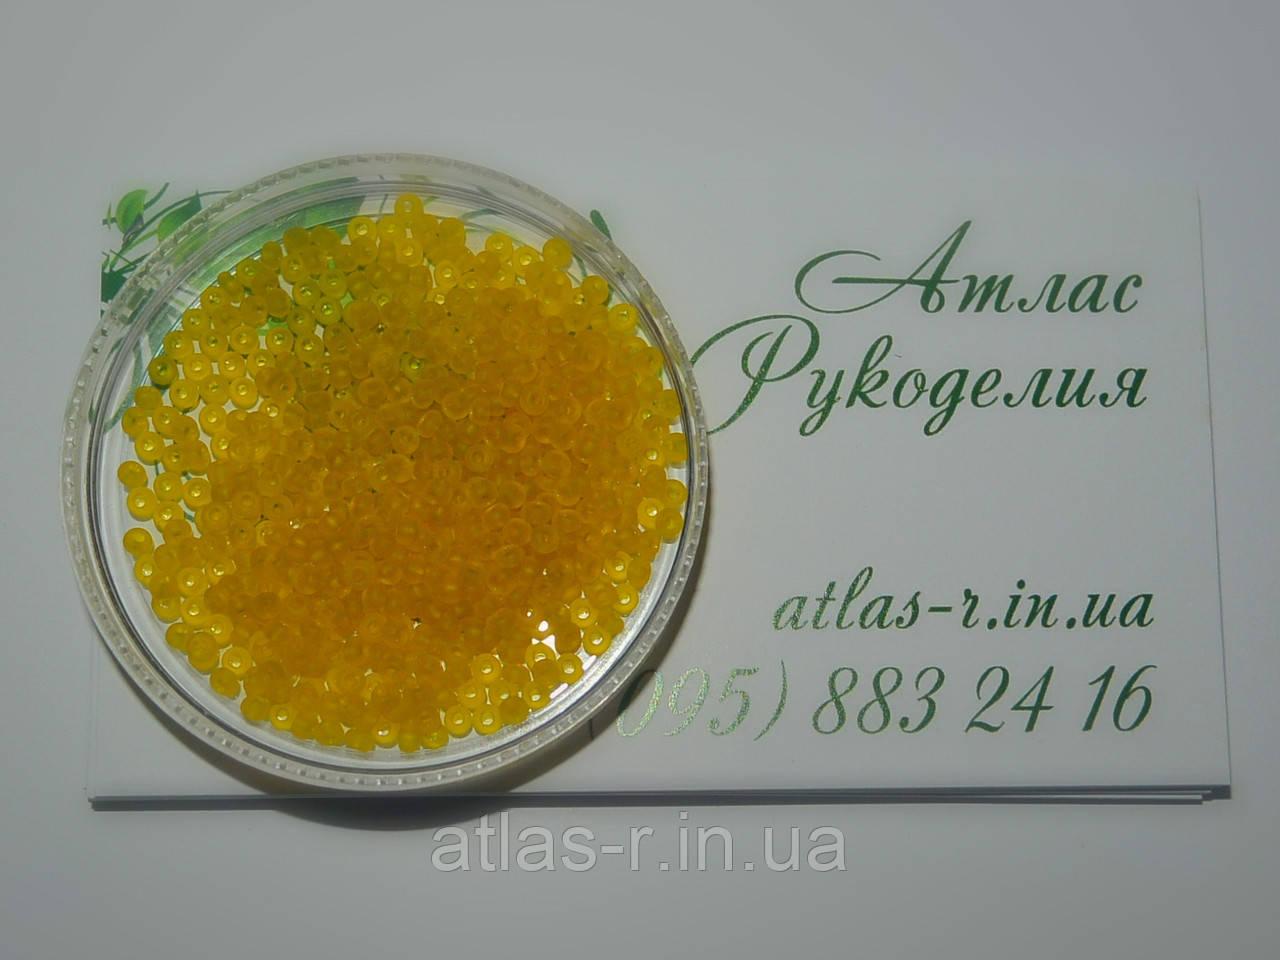 Бисер Preciosa Чехия №80010 matt 1г, желтый, прозрачный, матовый